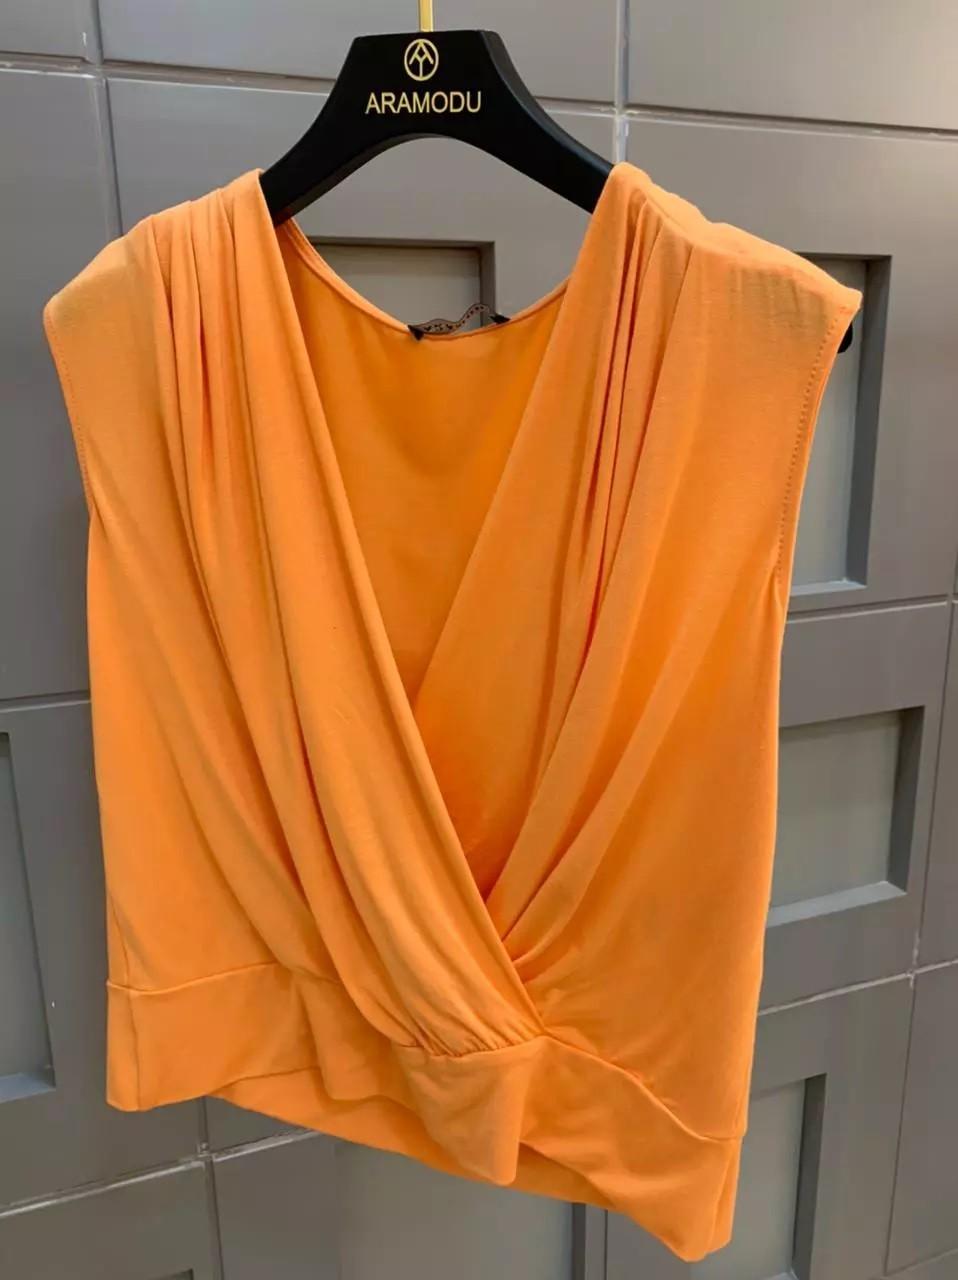 Blusa em Malha com Decote Transpassado Aramodu